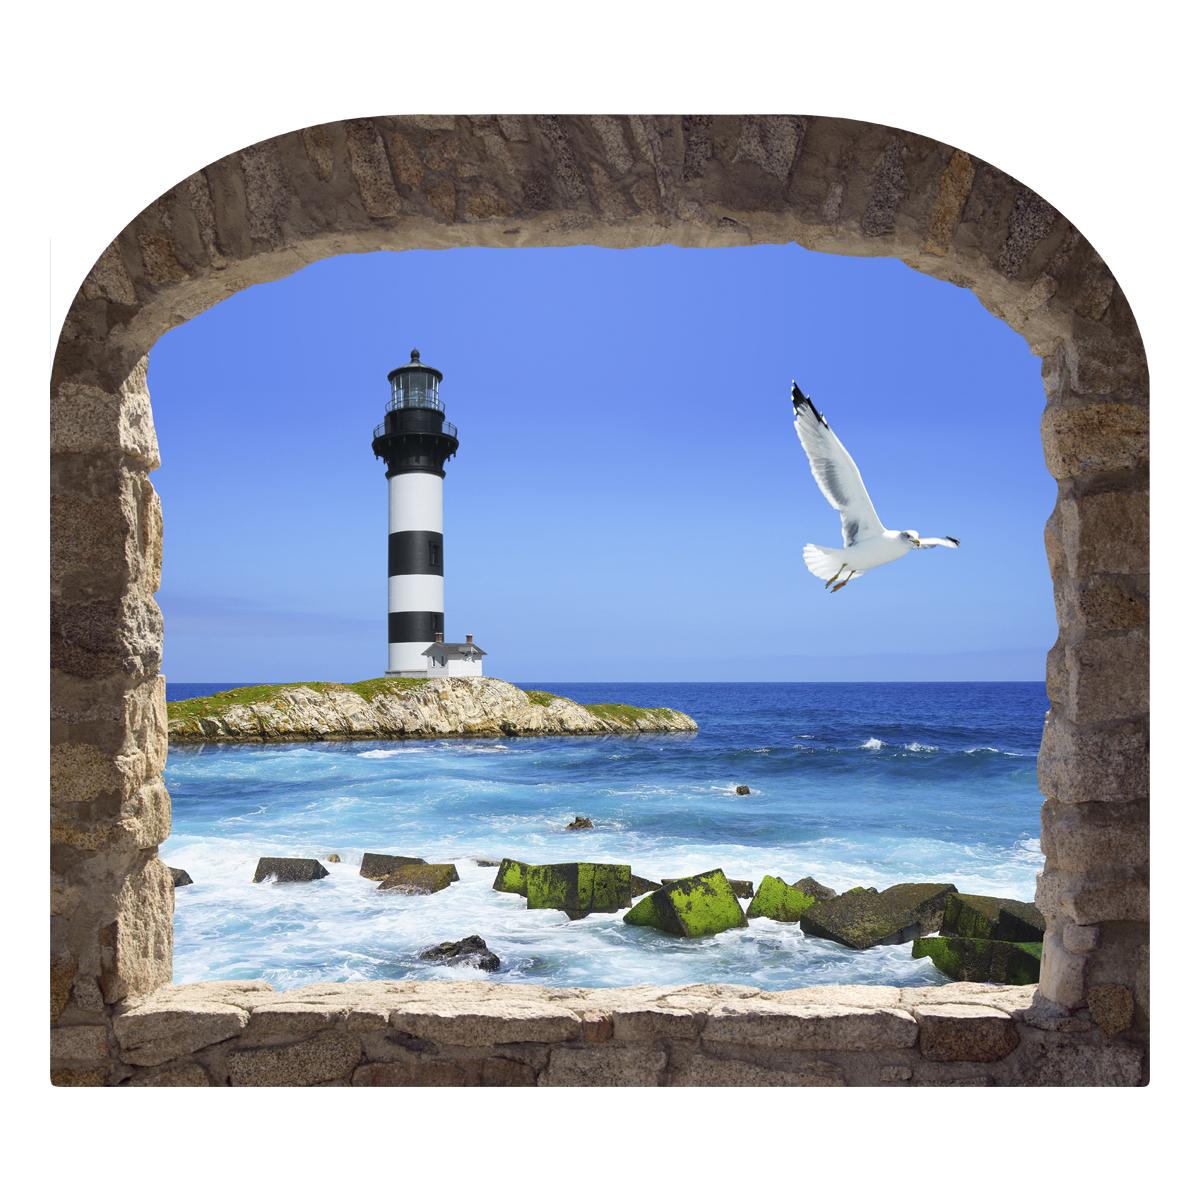 Sticker muraux trompe l 39 oeil sticker mural phare et mouette ambiance - Stickers muraux trompe l oeil ...